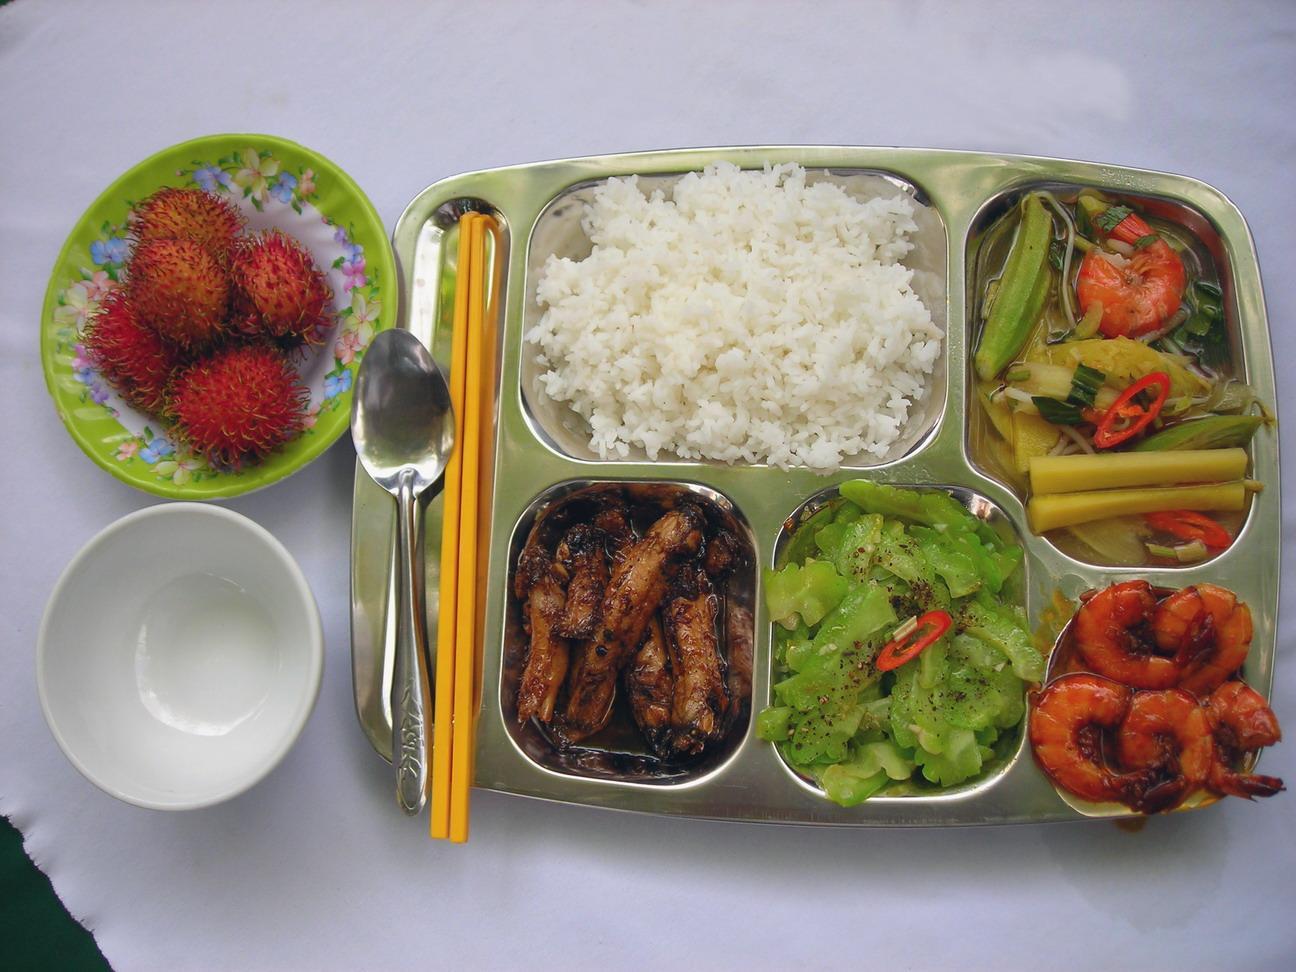 Cung cấp suất ăn công nghiệp tại tỉnh Hà Nam